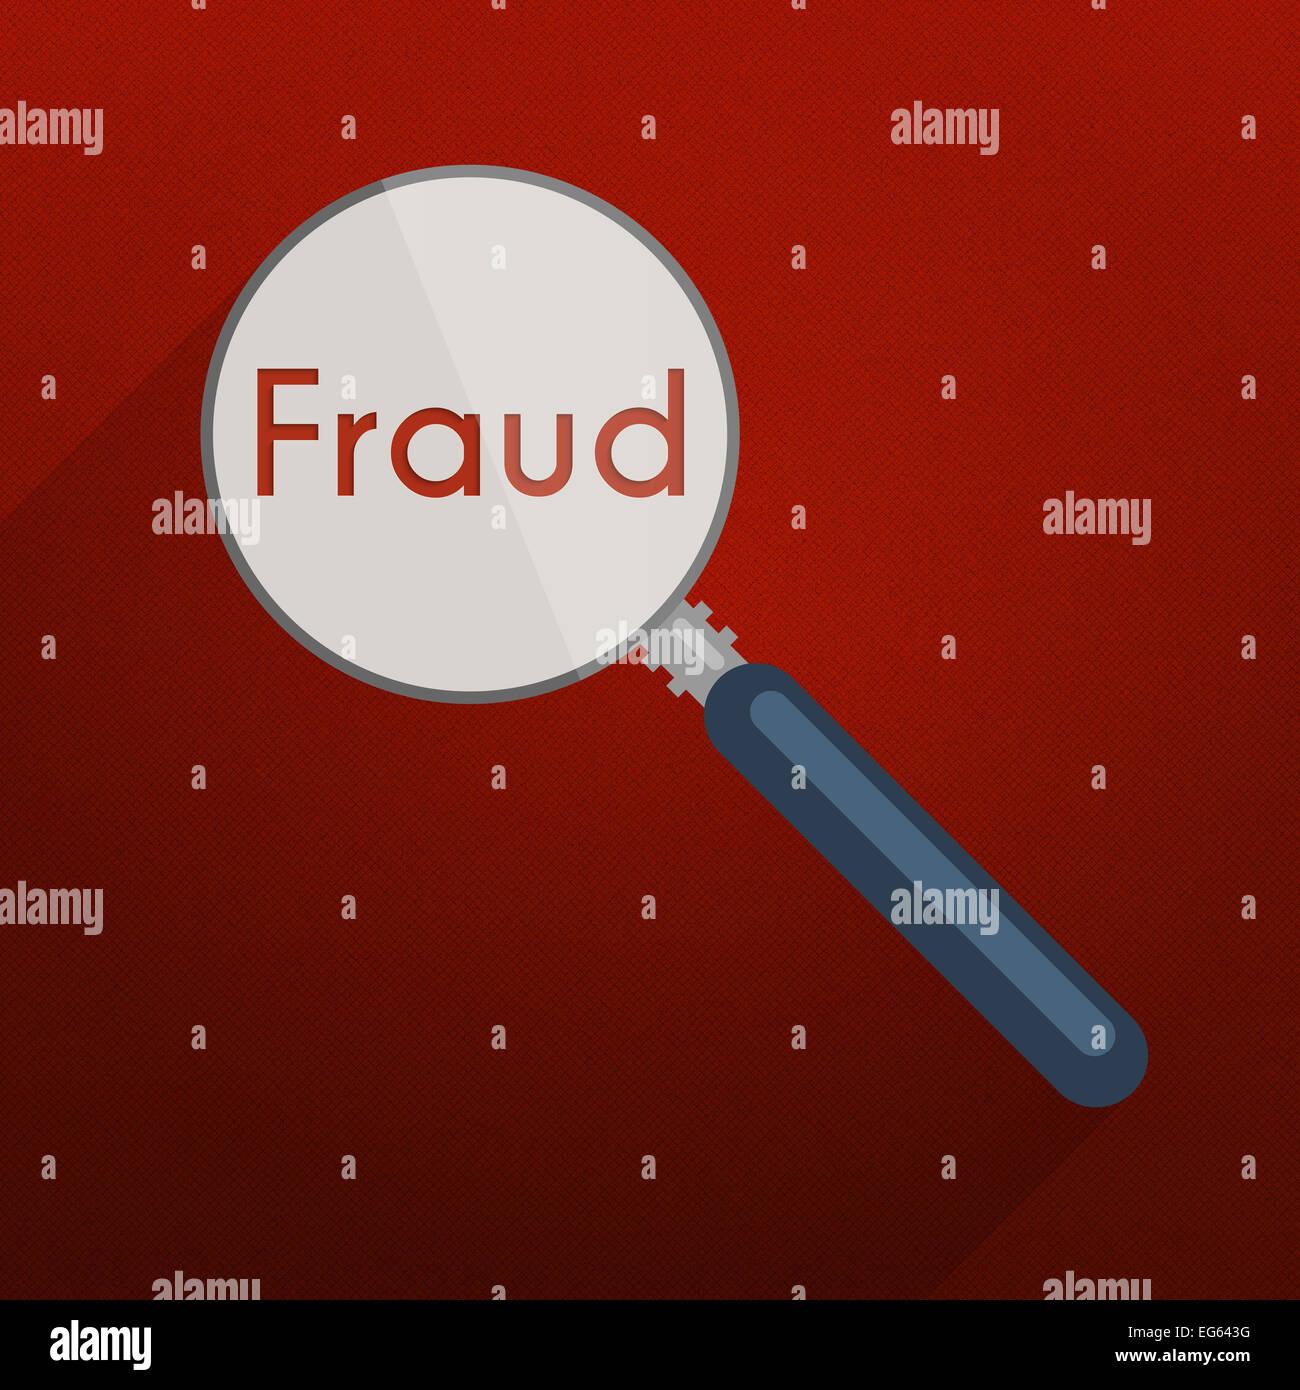 Concept de la recherche de preuves et d'indices d'infraction, la fraude ou l'évasion fiscale. Modèle Photo Stock